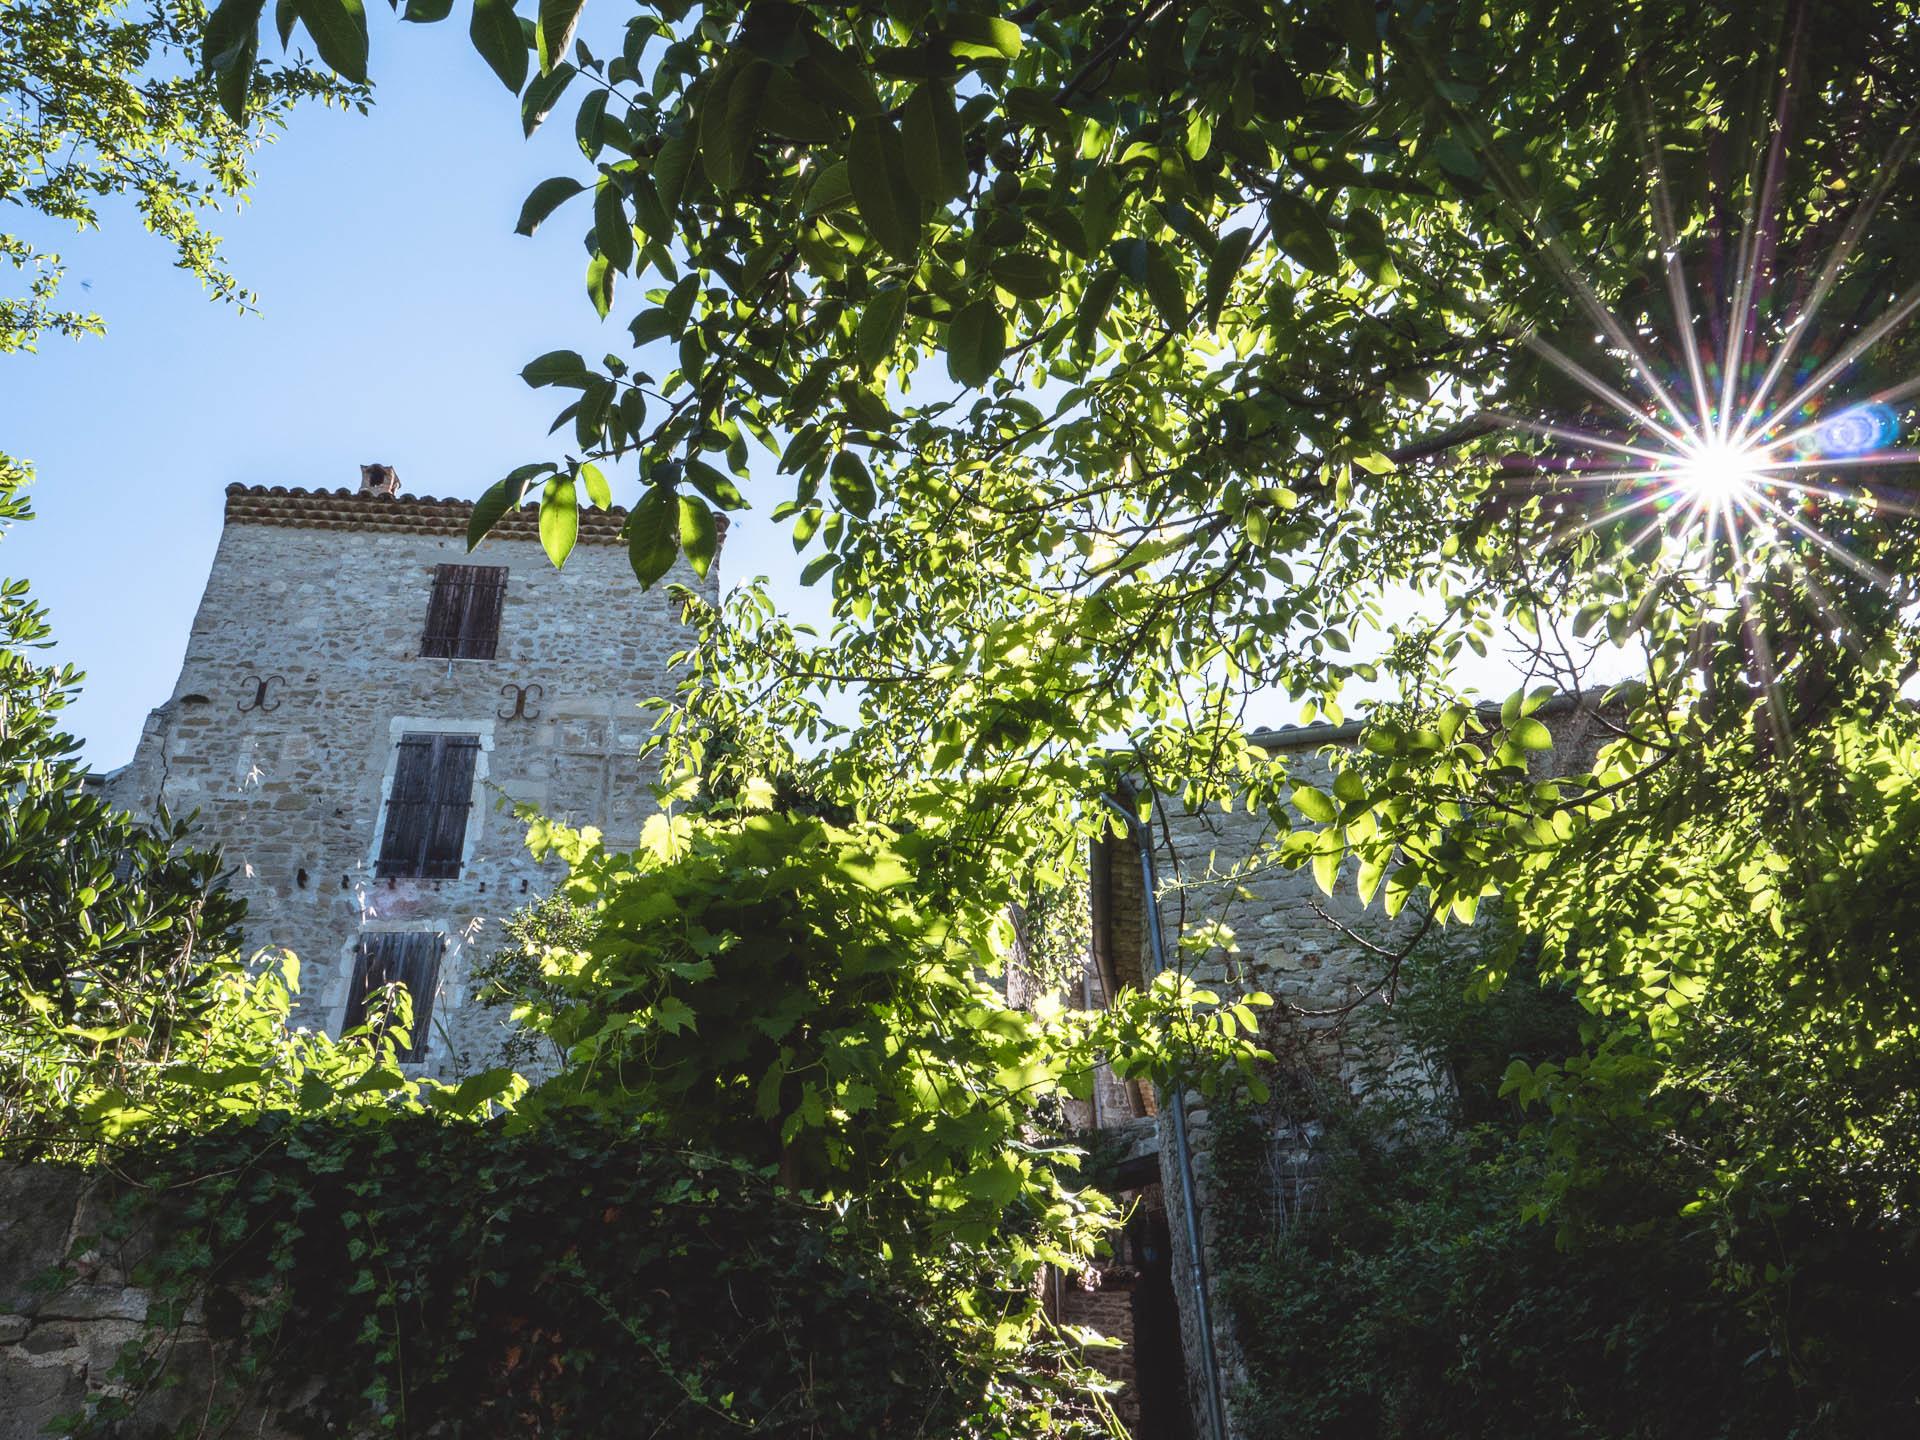 drôme begude en mazenc maison - Les globe blogueurs - blog voyage nature